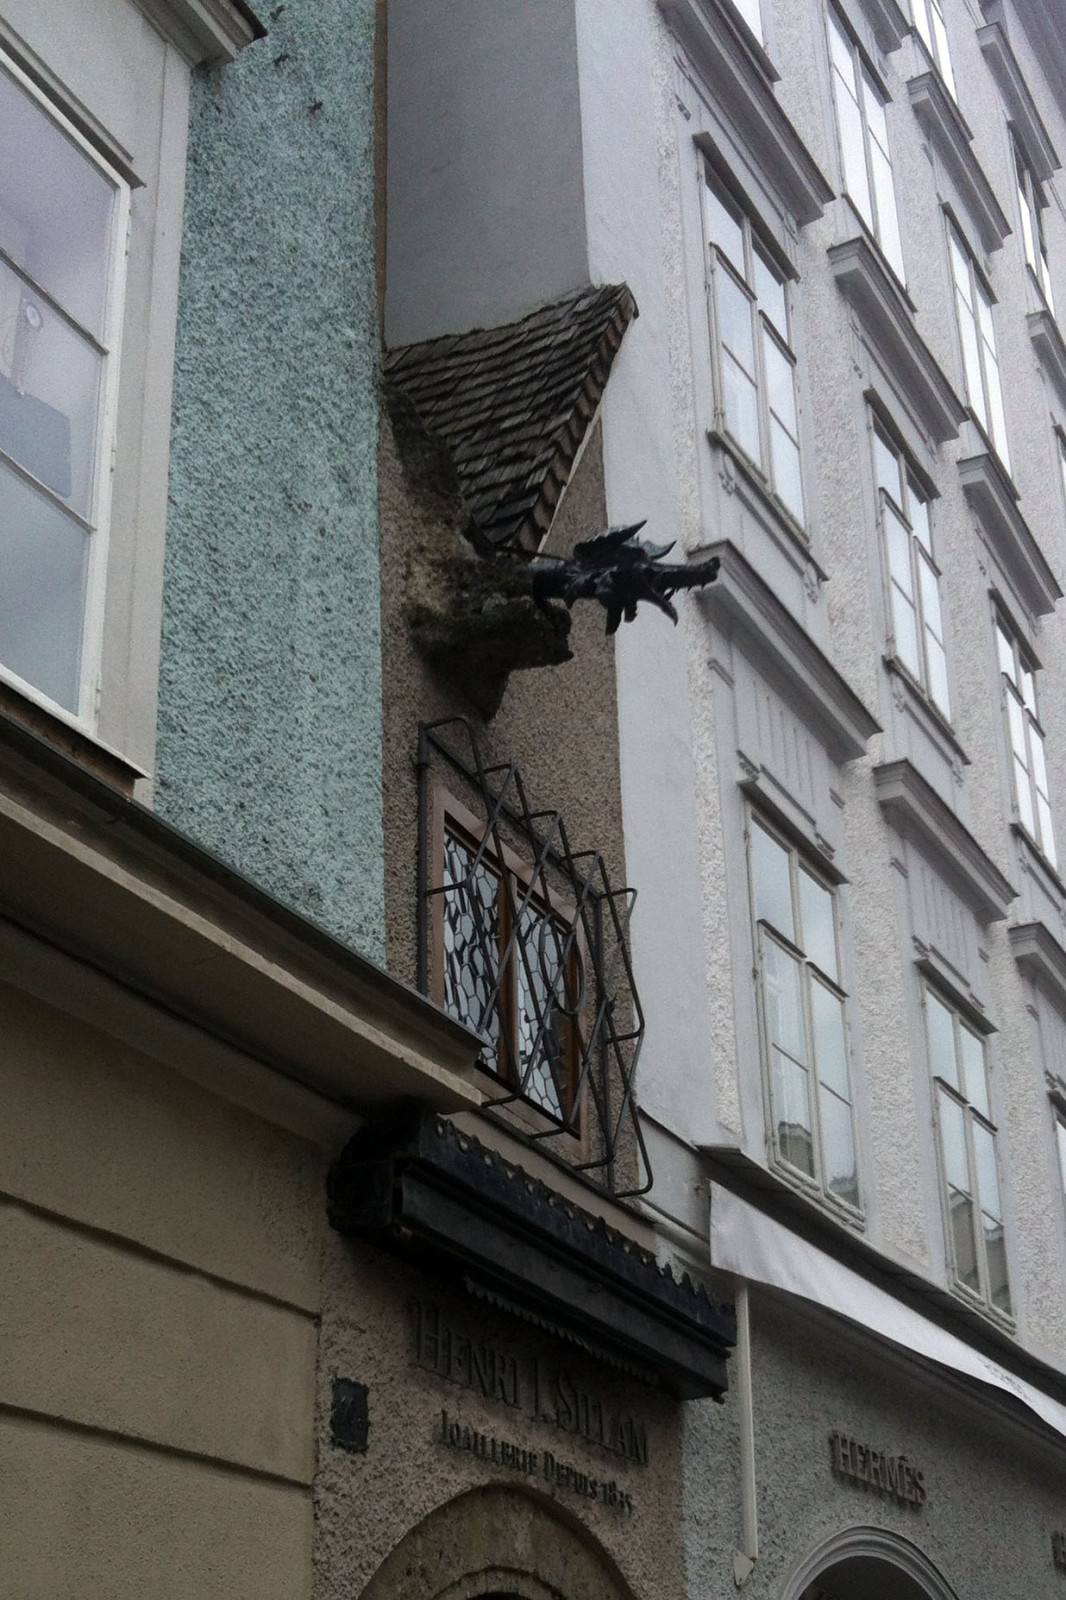 Der Drachenkopf am Dach.